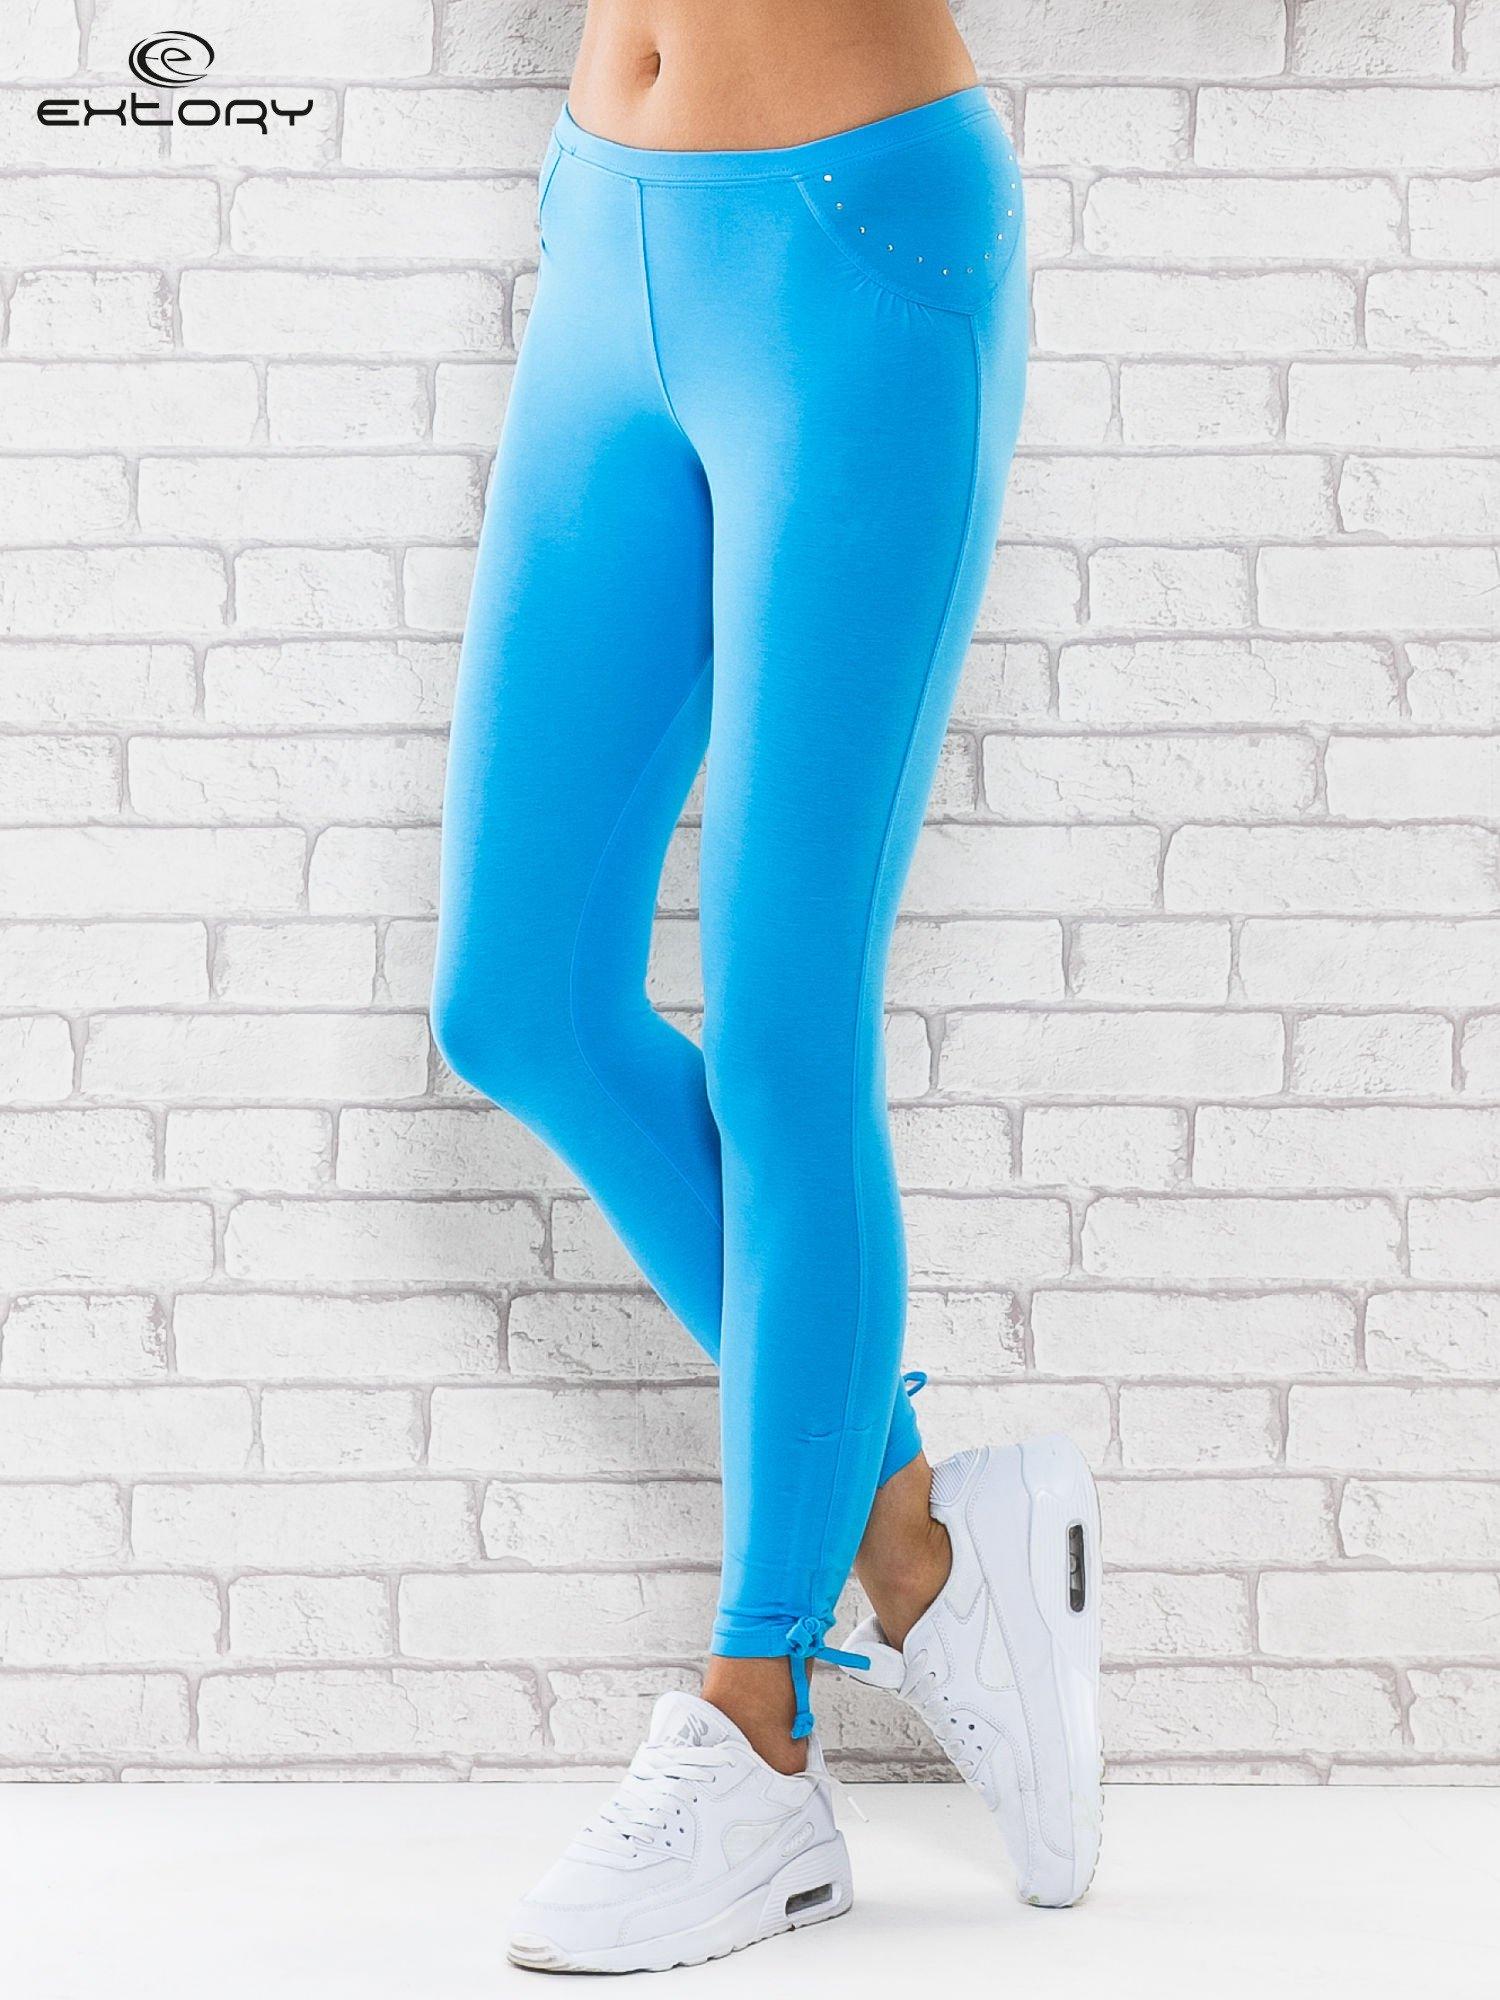 e3c61850a0b7cc Turkusowe legginsy sportowe 7/8 z wiązaniem - Spodnie legginsy - sklep  eButik.pl